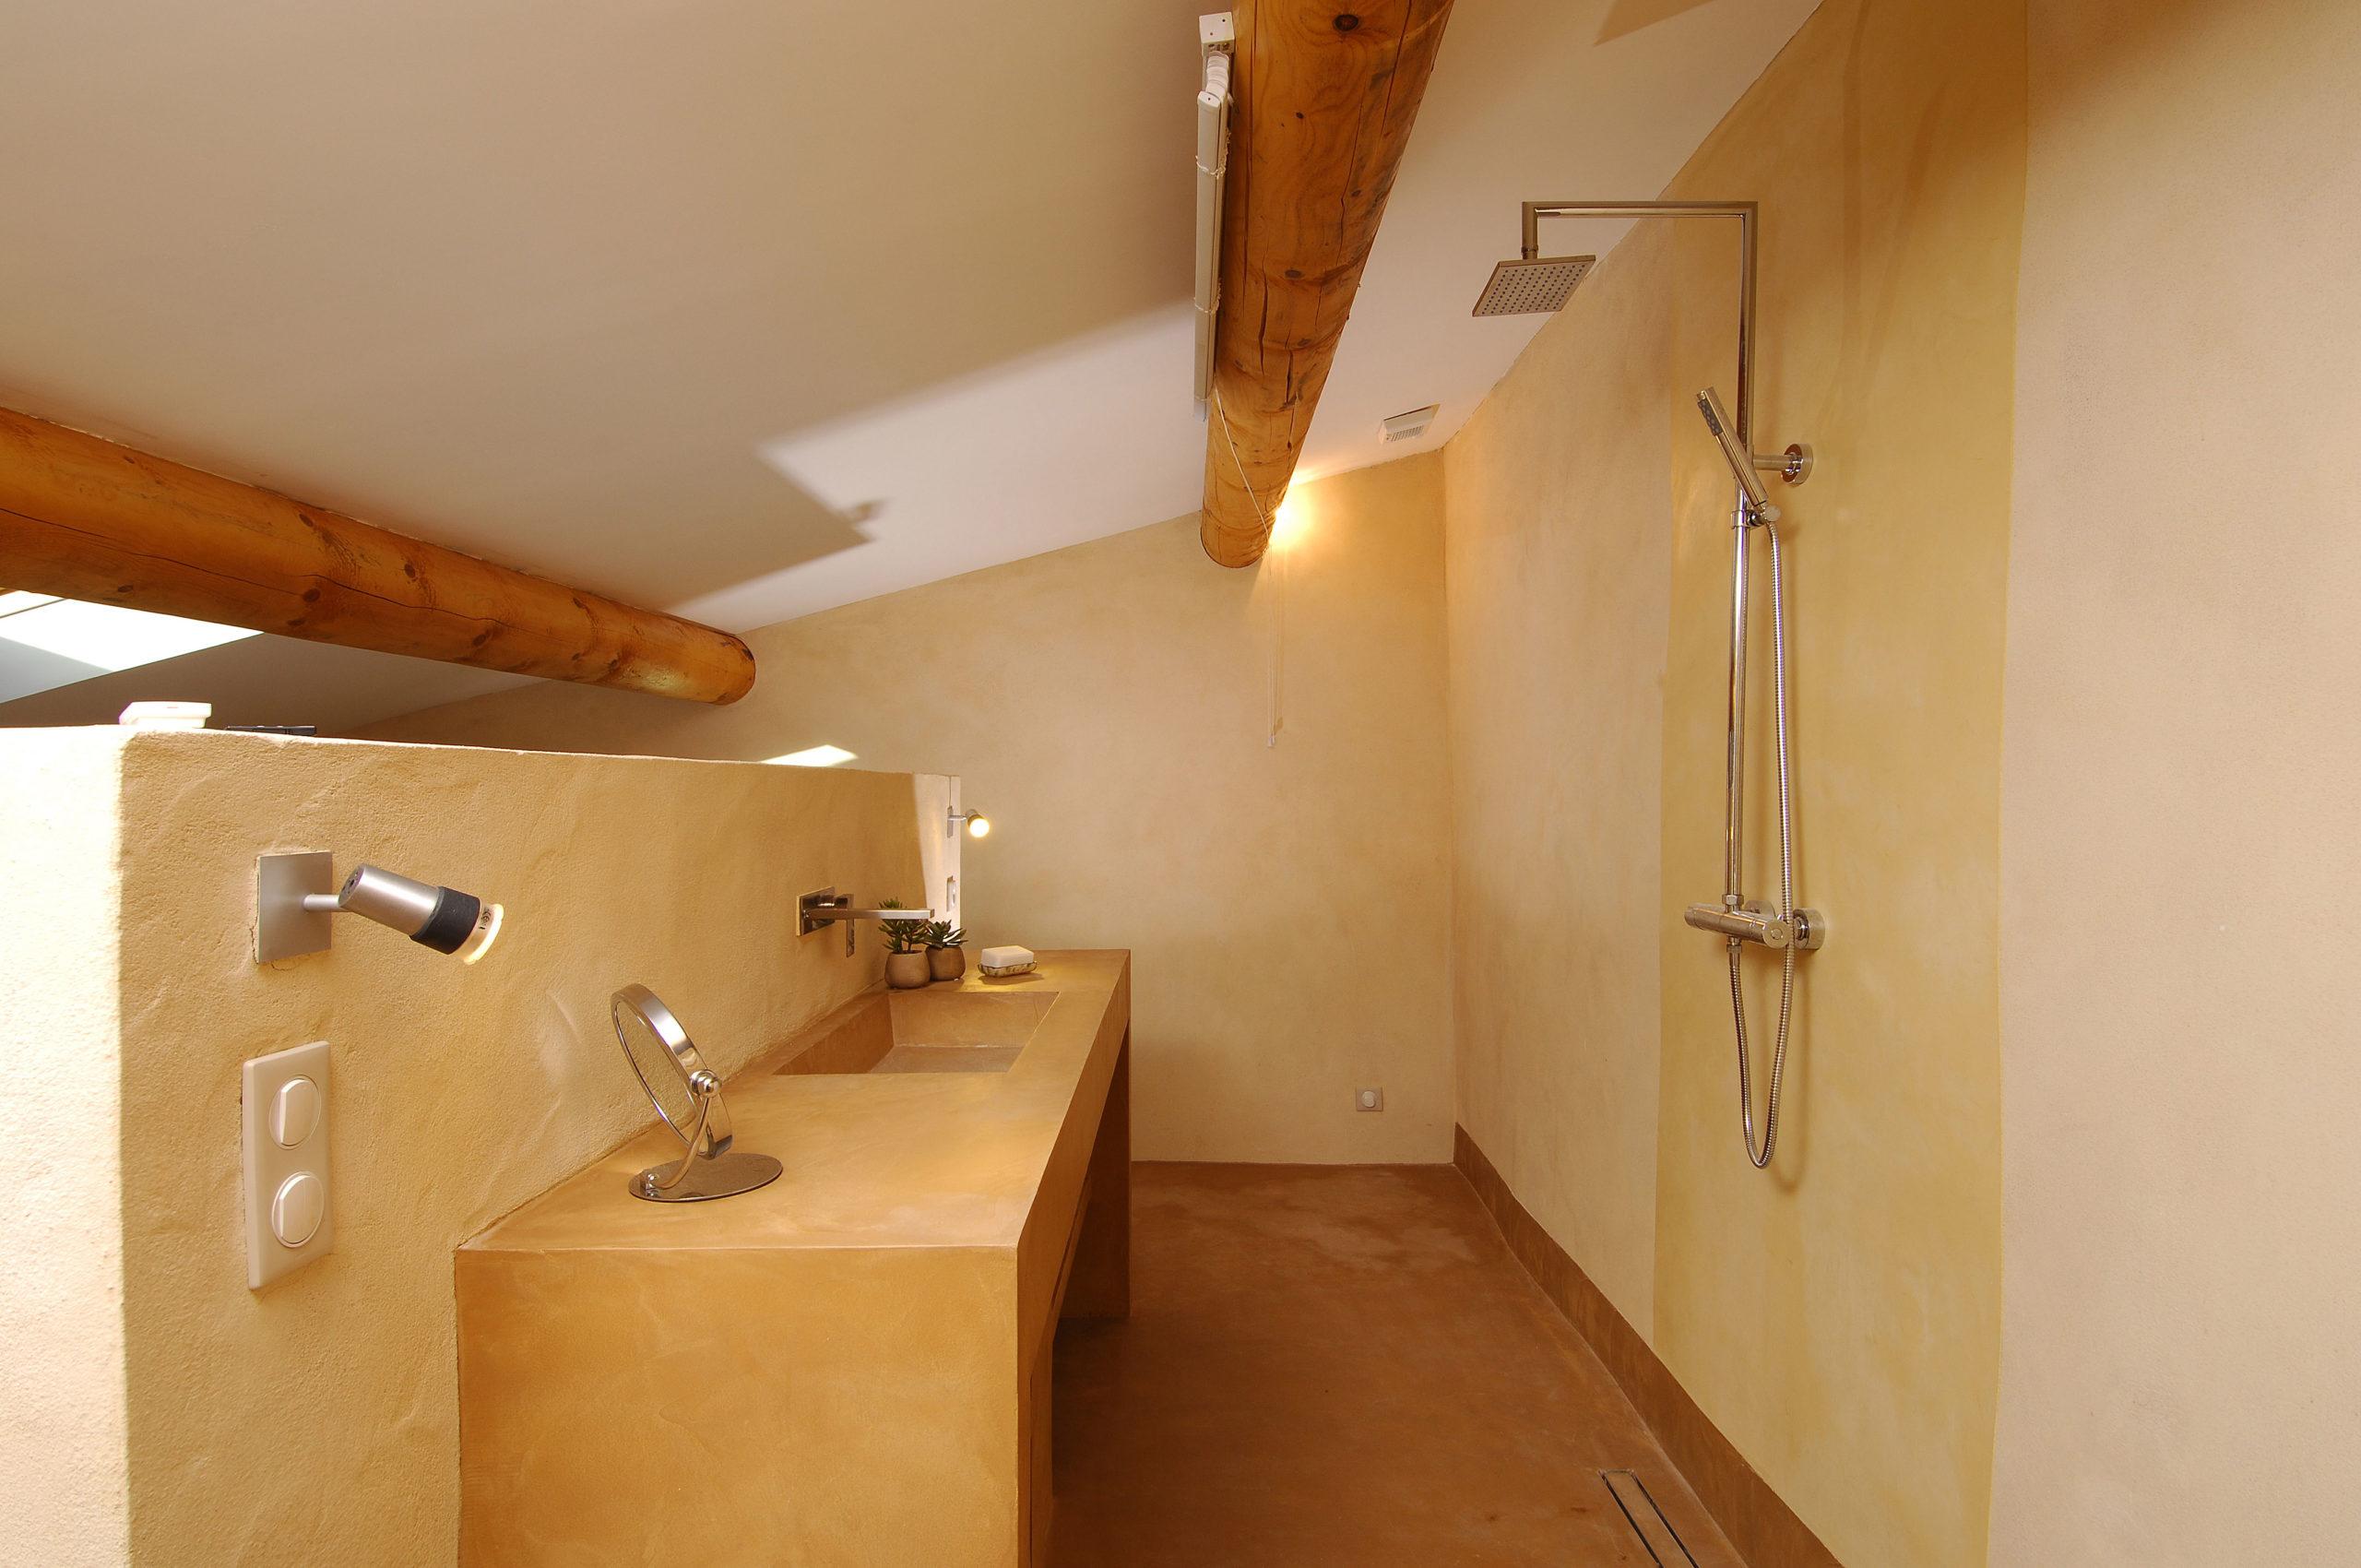 Salle de bain du mas d'Augustine, entièrement rénové